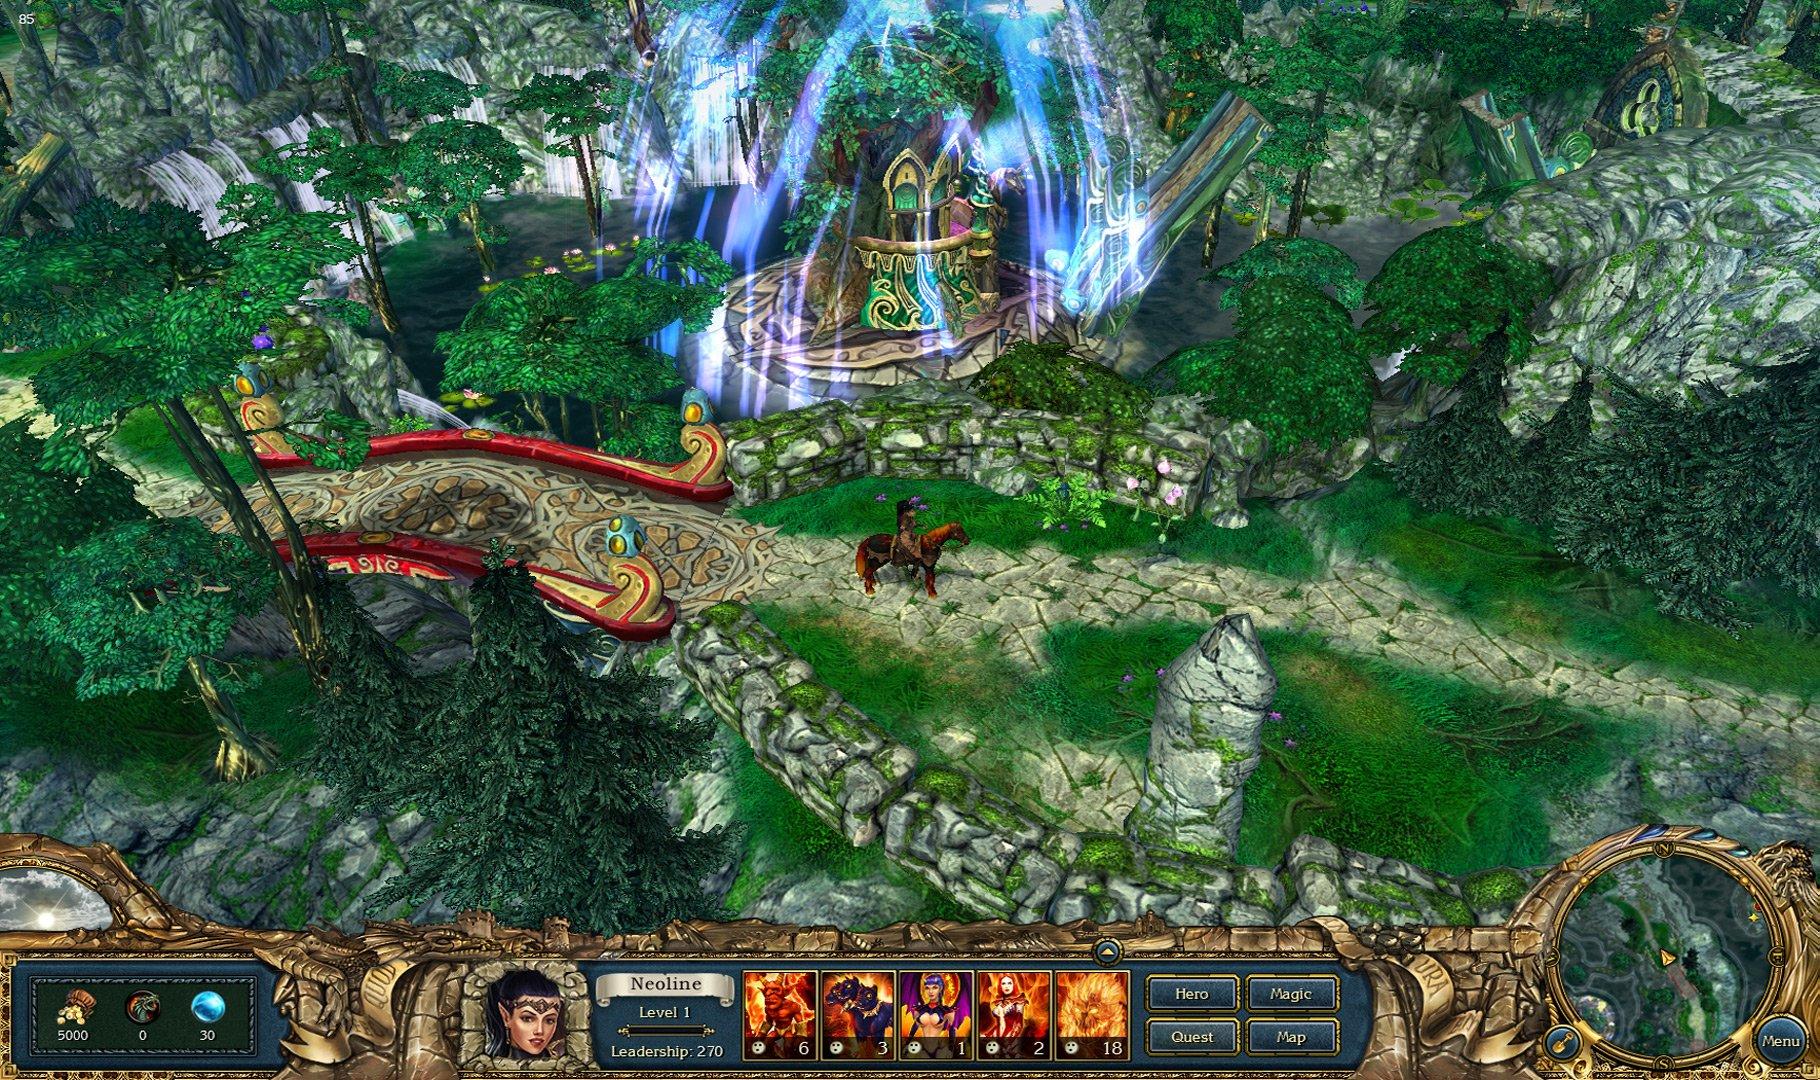 Ролевая игра перекресток миров ролевая игра про изучение магических существ